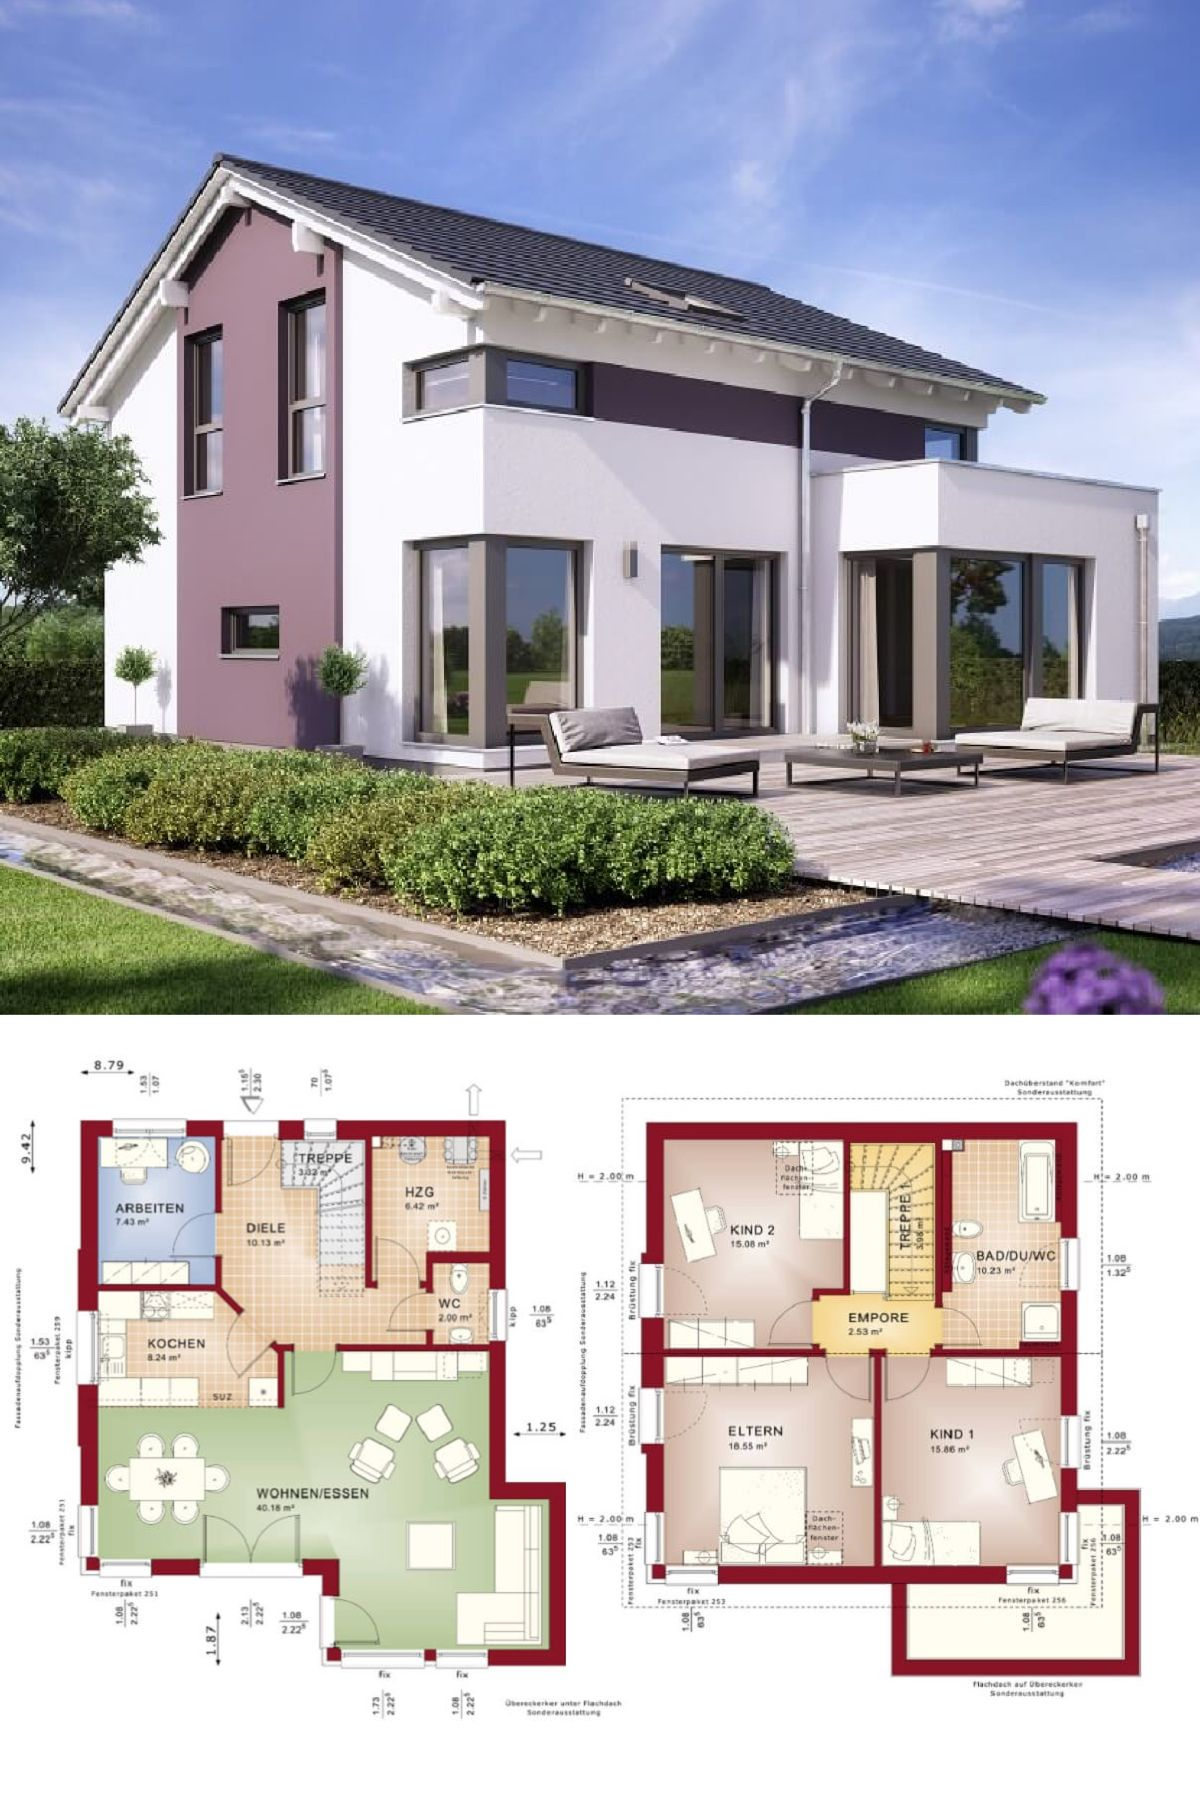 Modernes Satteldach-Haus mit Erker - Einfamilienhaus Celebration 134 ...